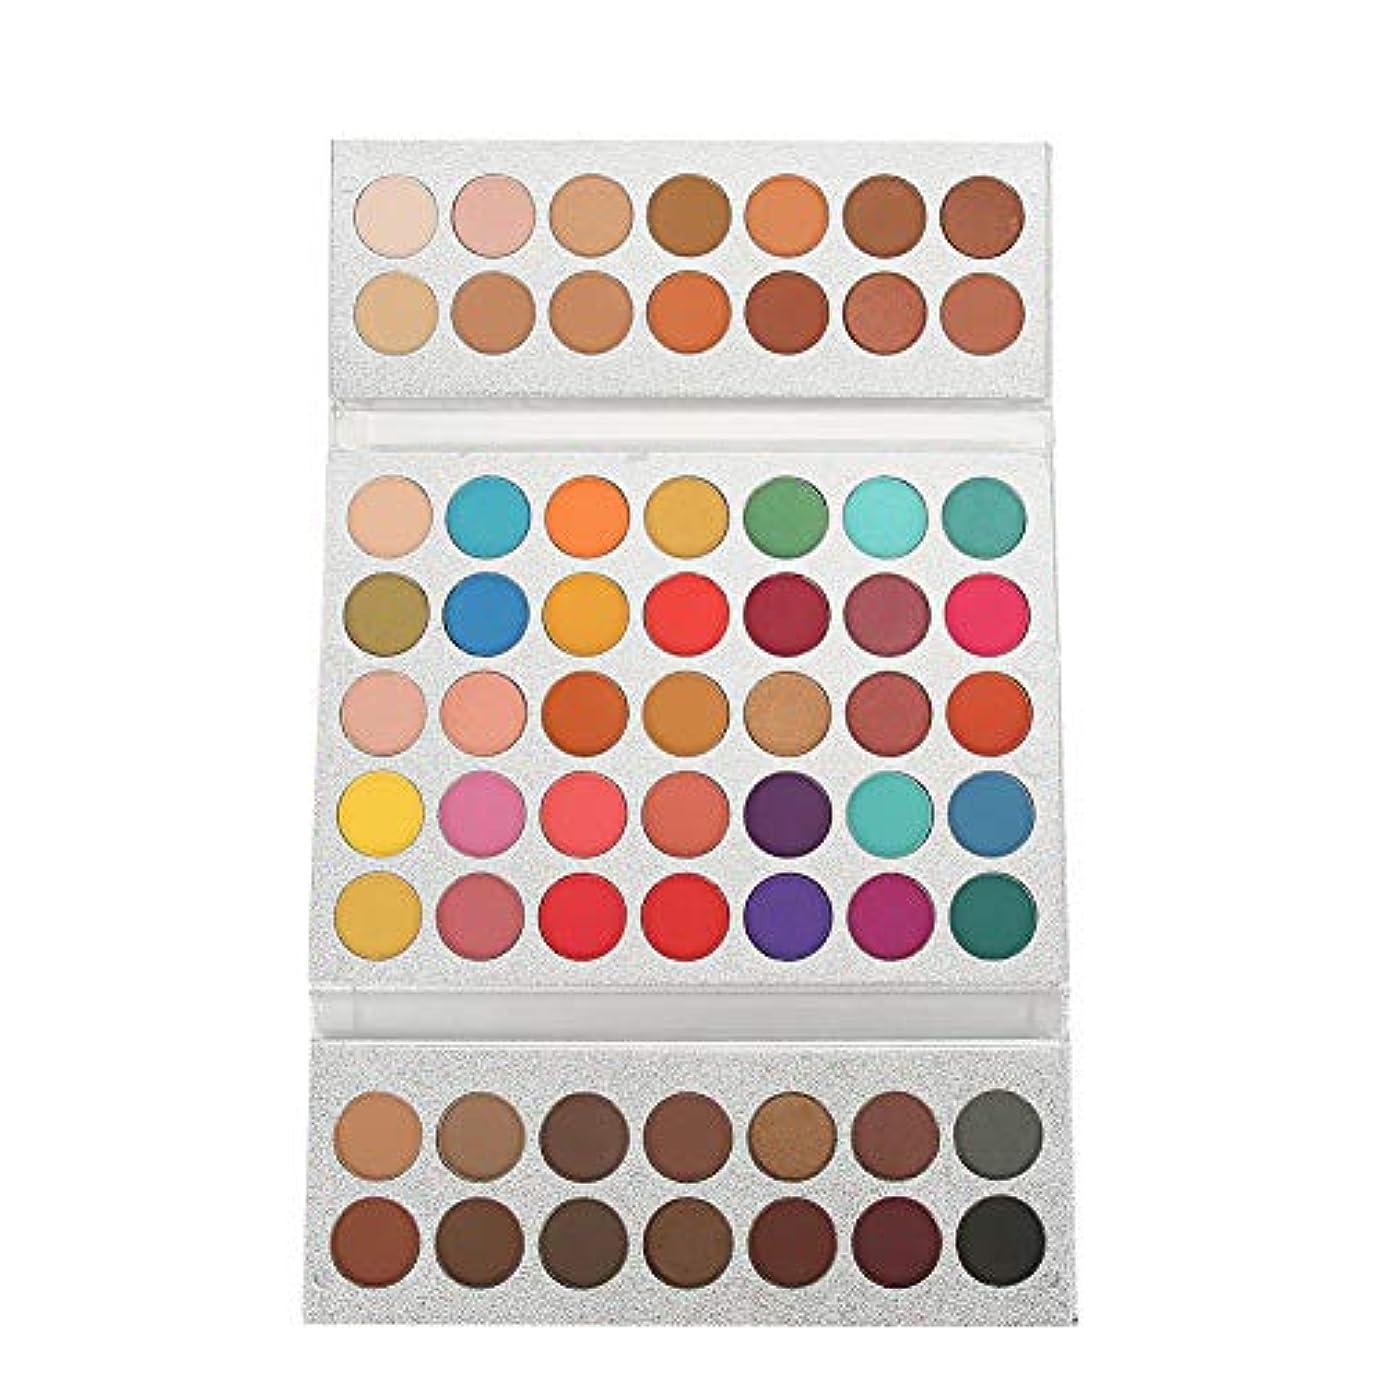 山積みのポンプ印象的なアイシャドウ パレット 63色 美容真珠光沢 マットアイ 化粧品 メイクアップパレット